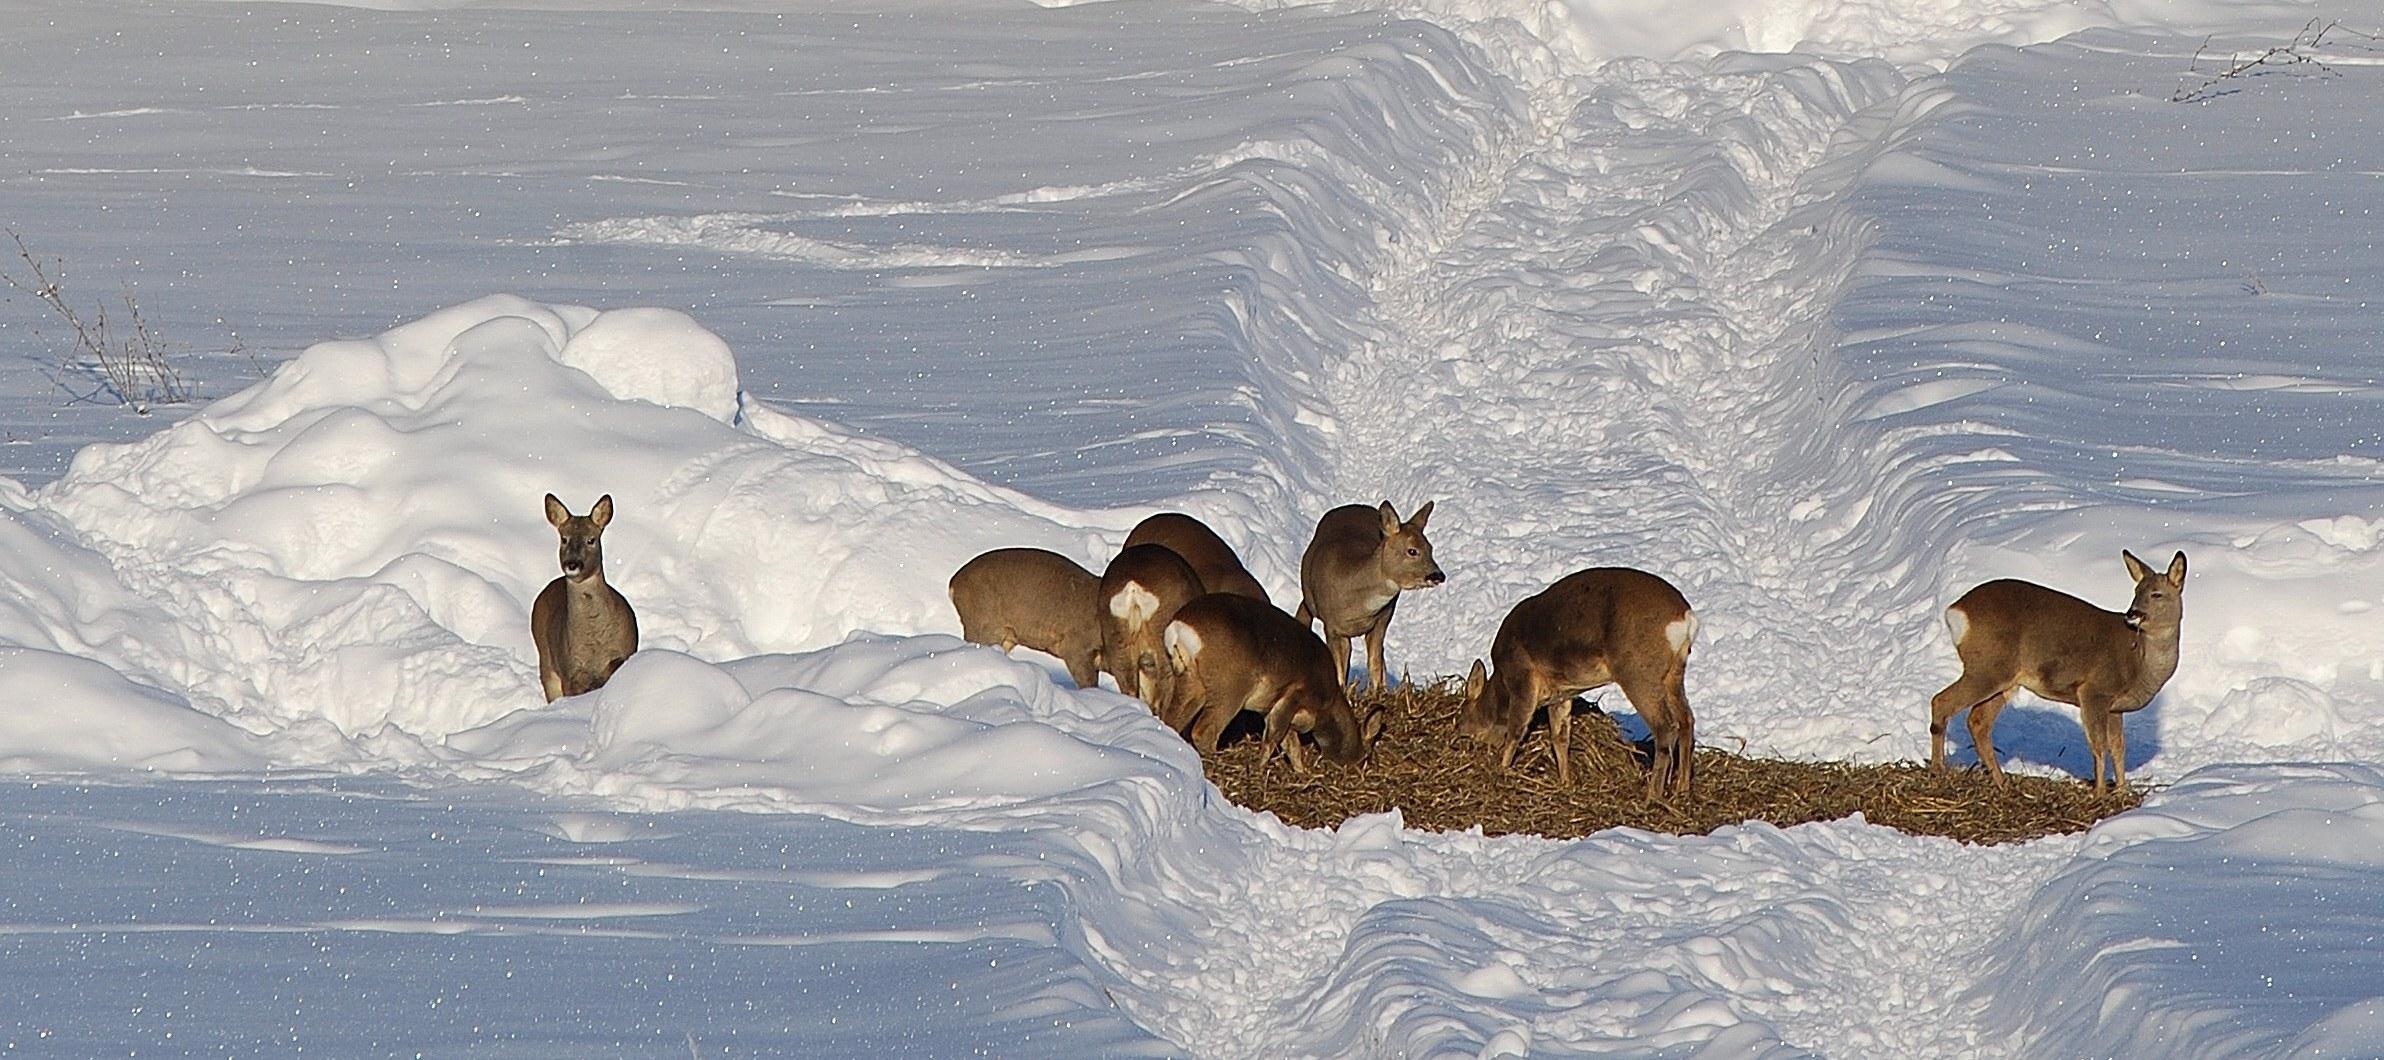 Handlar utfodringsförbudet om allt vilt? Eller är det utfodring av vildsvin och hjortar som regeringen vill komma åt?